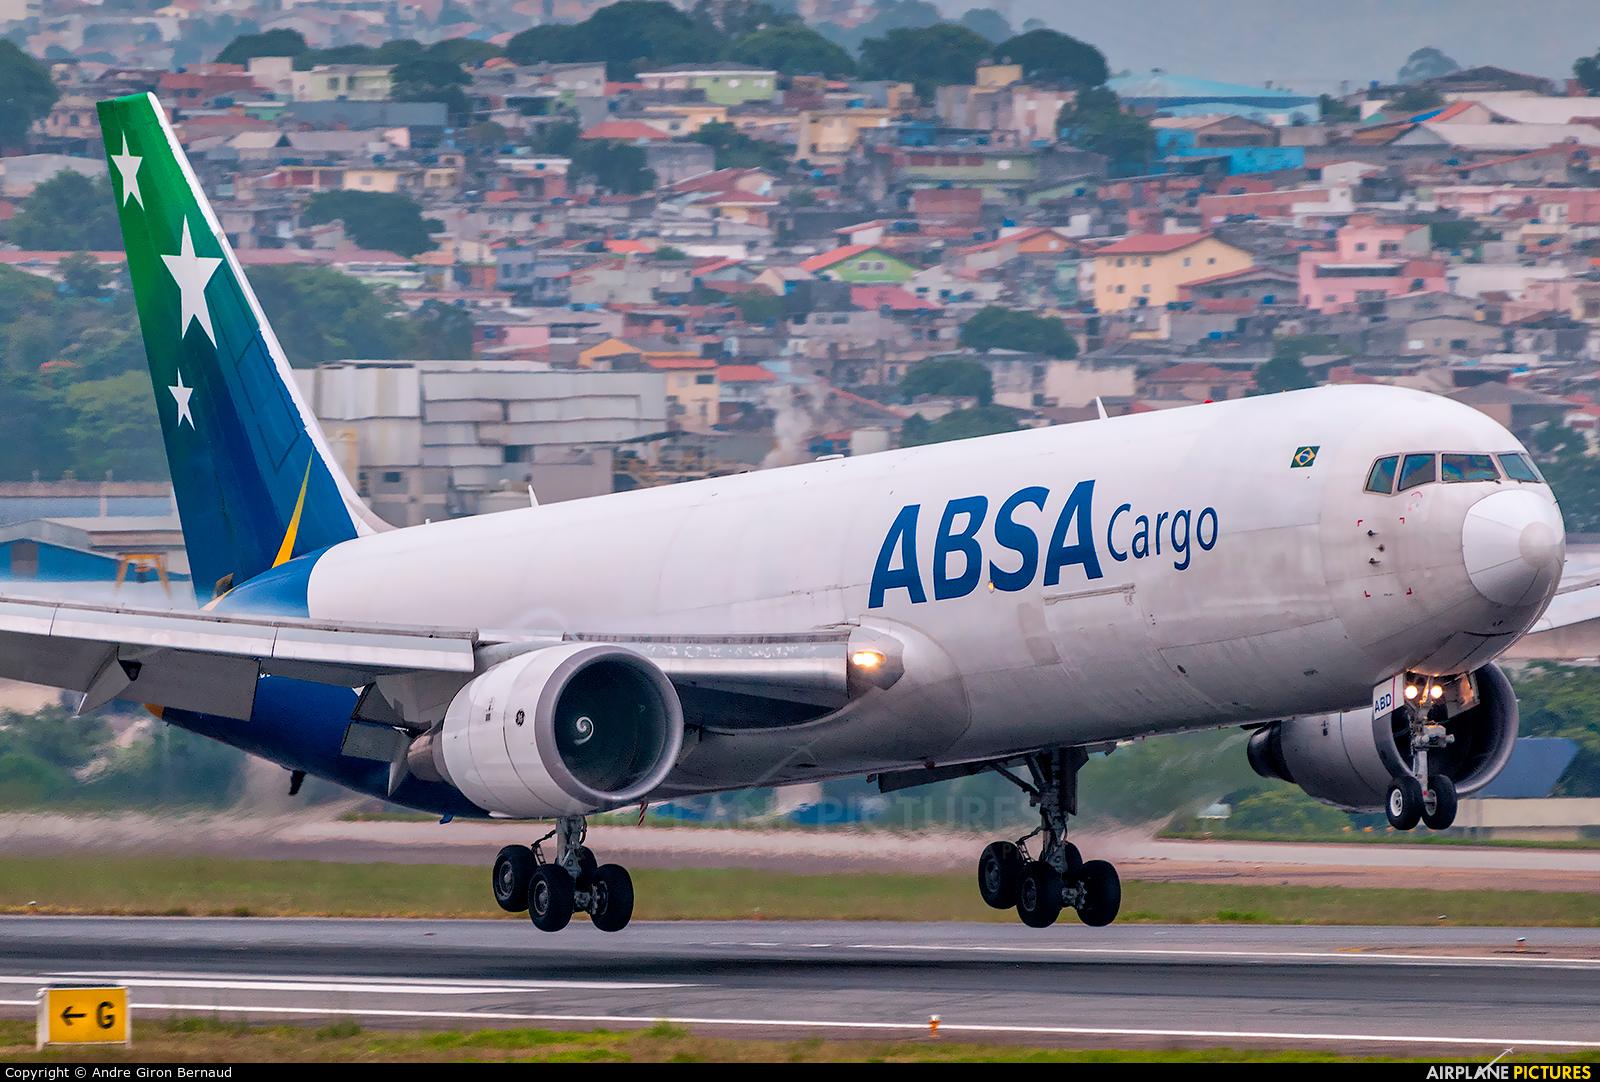 ABSA Cargo PR-ABD aircraft at São Paulo - Guarulhos